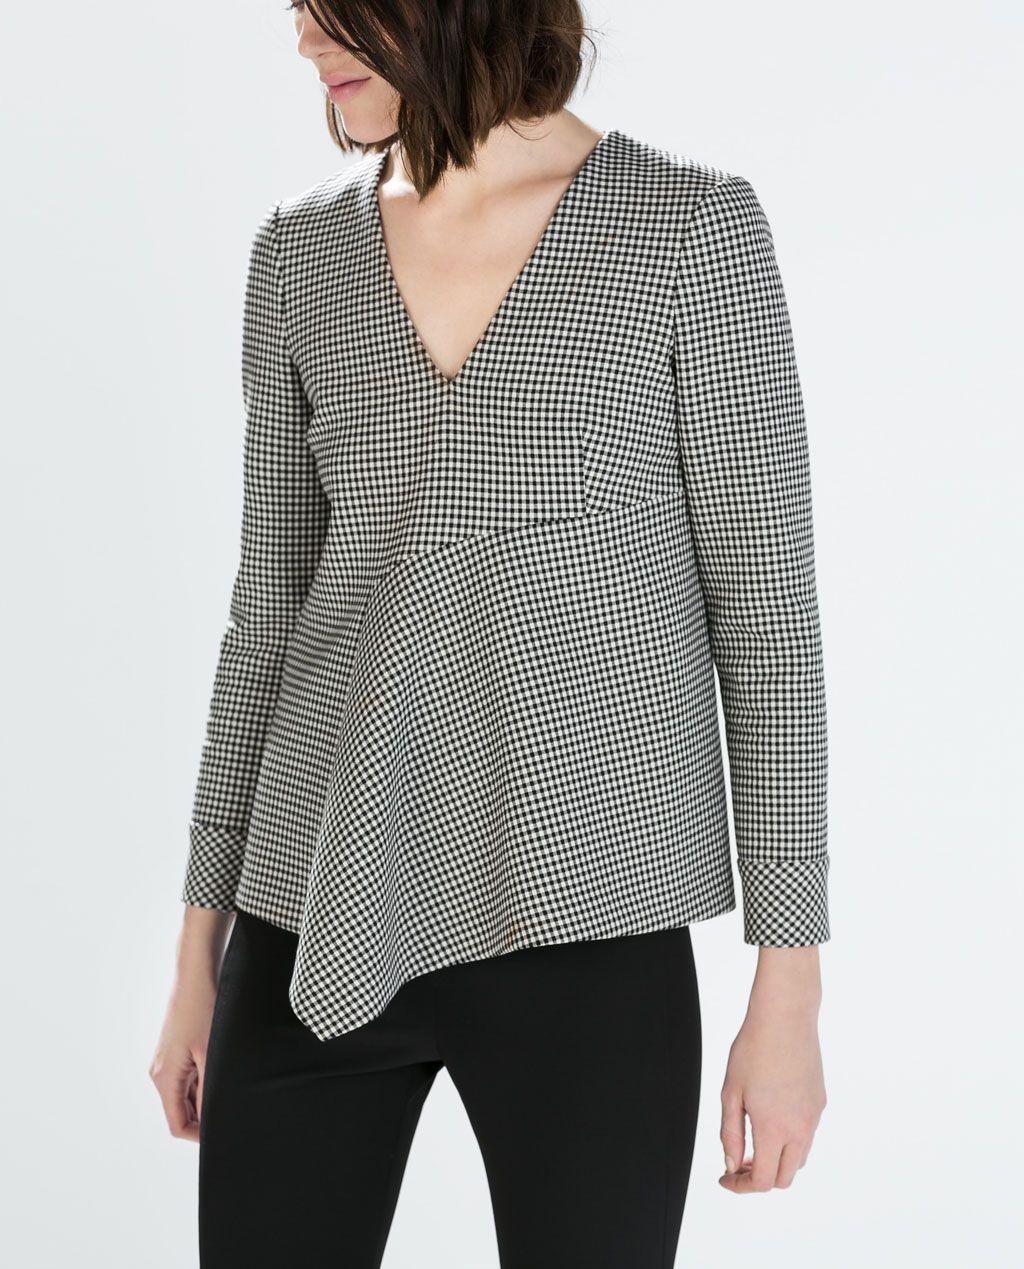 Camisas y blusas de Zara